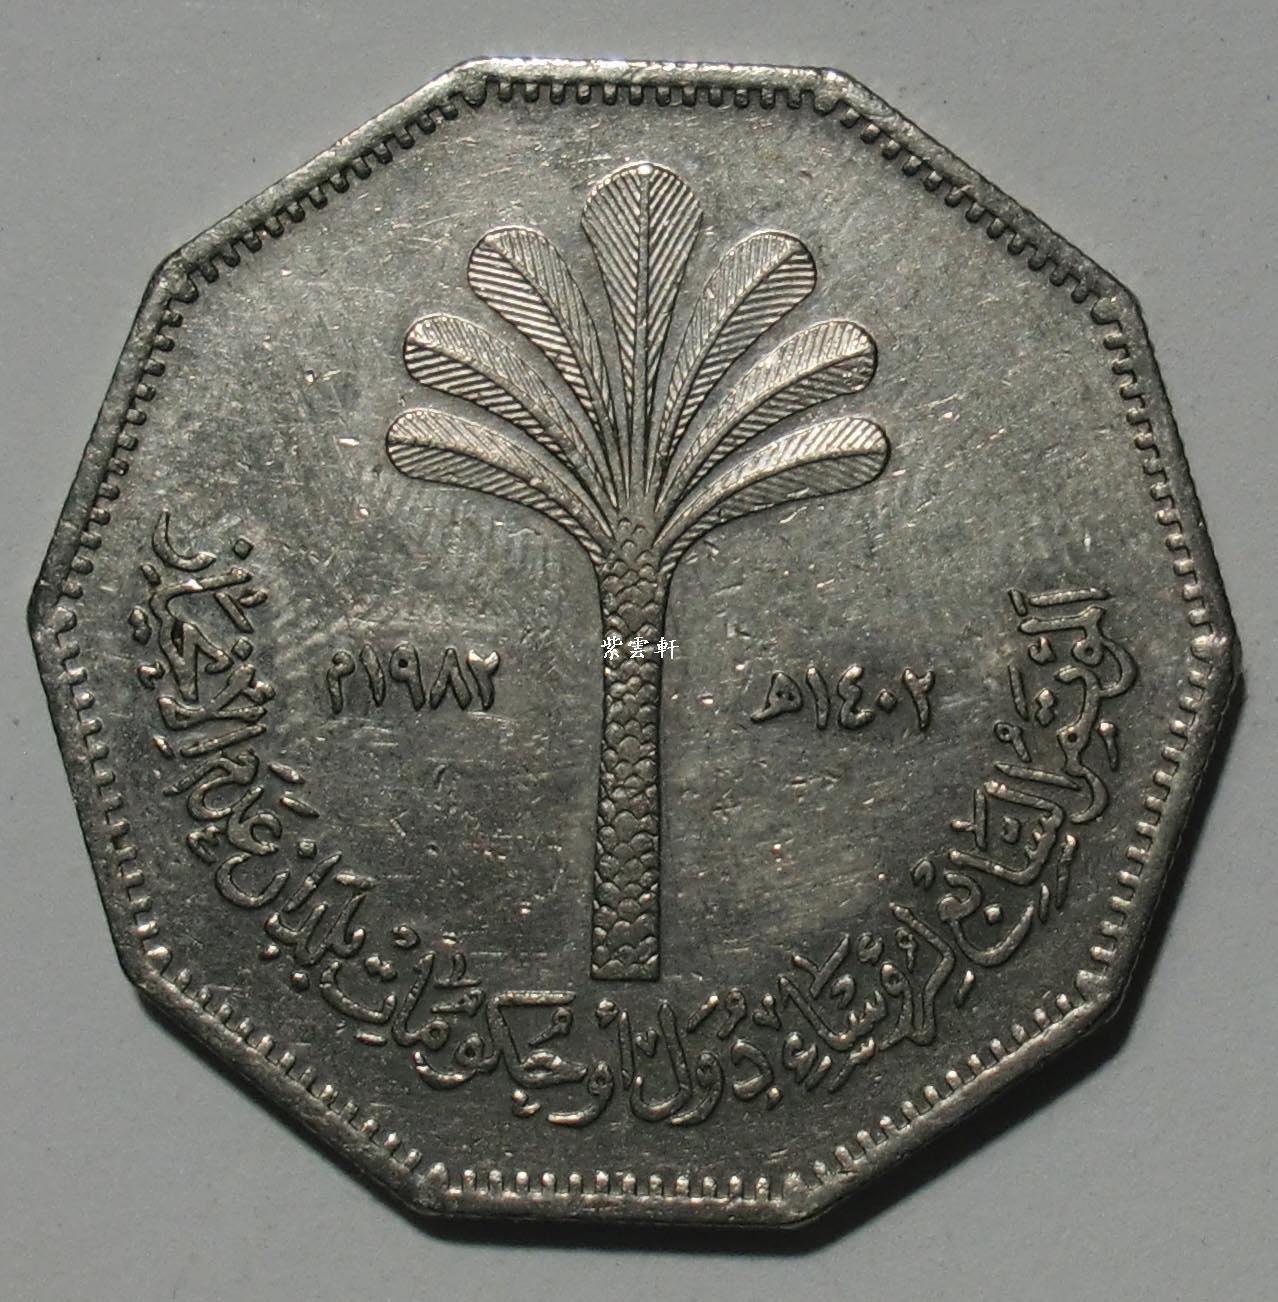 『紫雲軒』(各國外幣) 伊拉克1982年1第納爾 不結盟國家會議  紀念幣  KM156 Hhwb1047